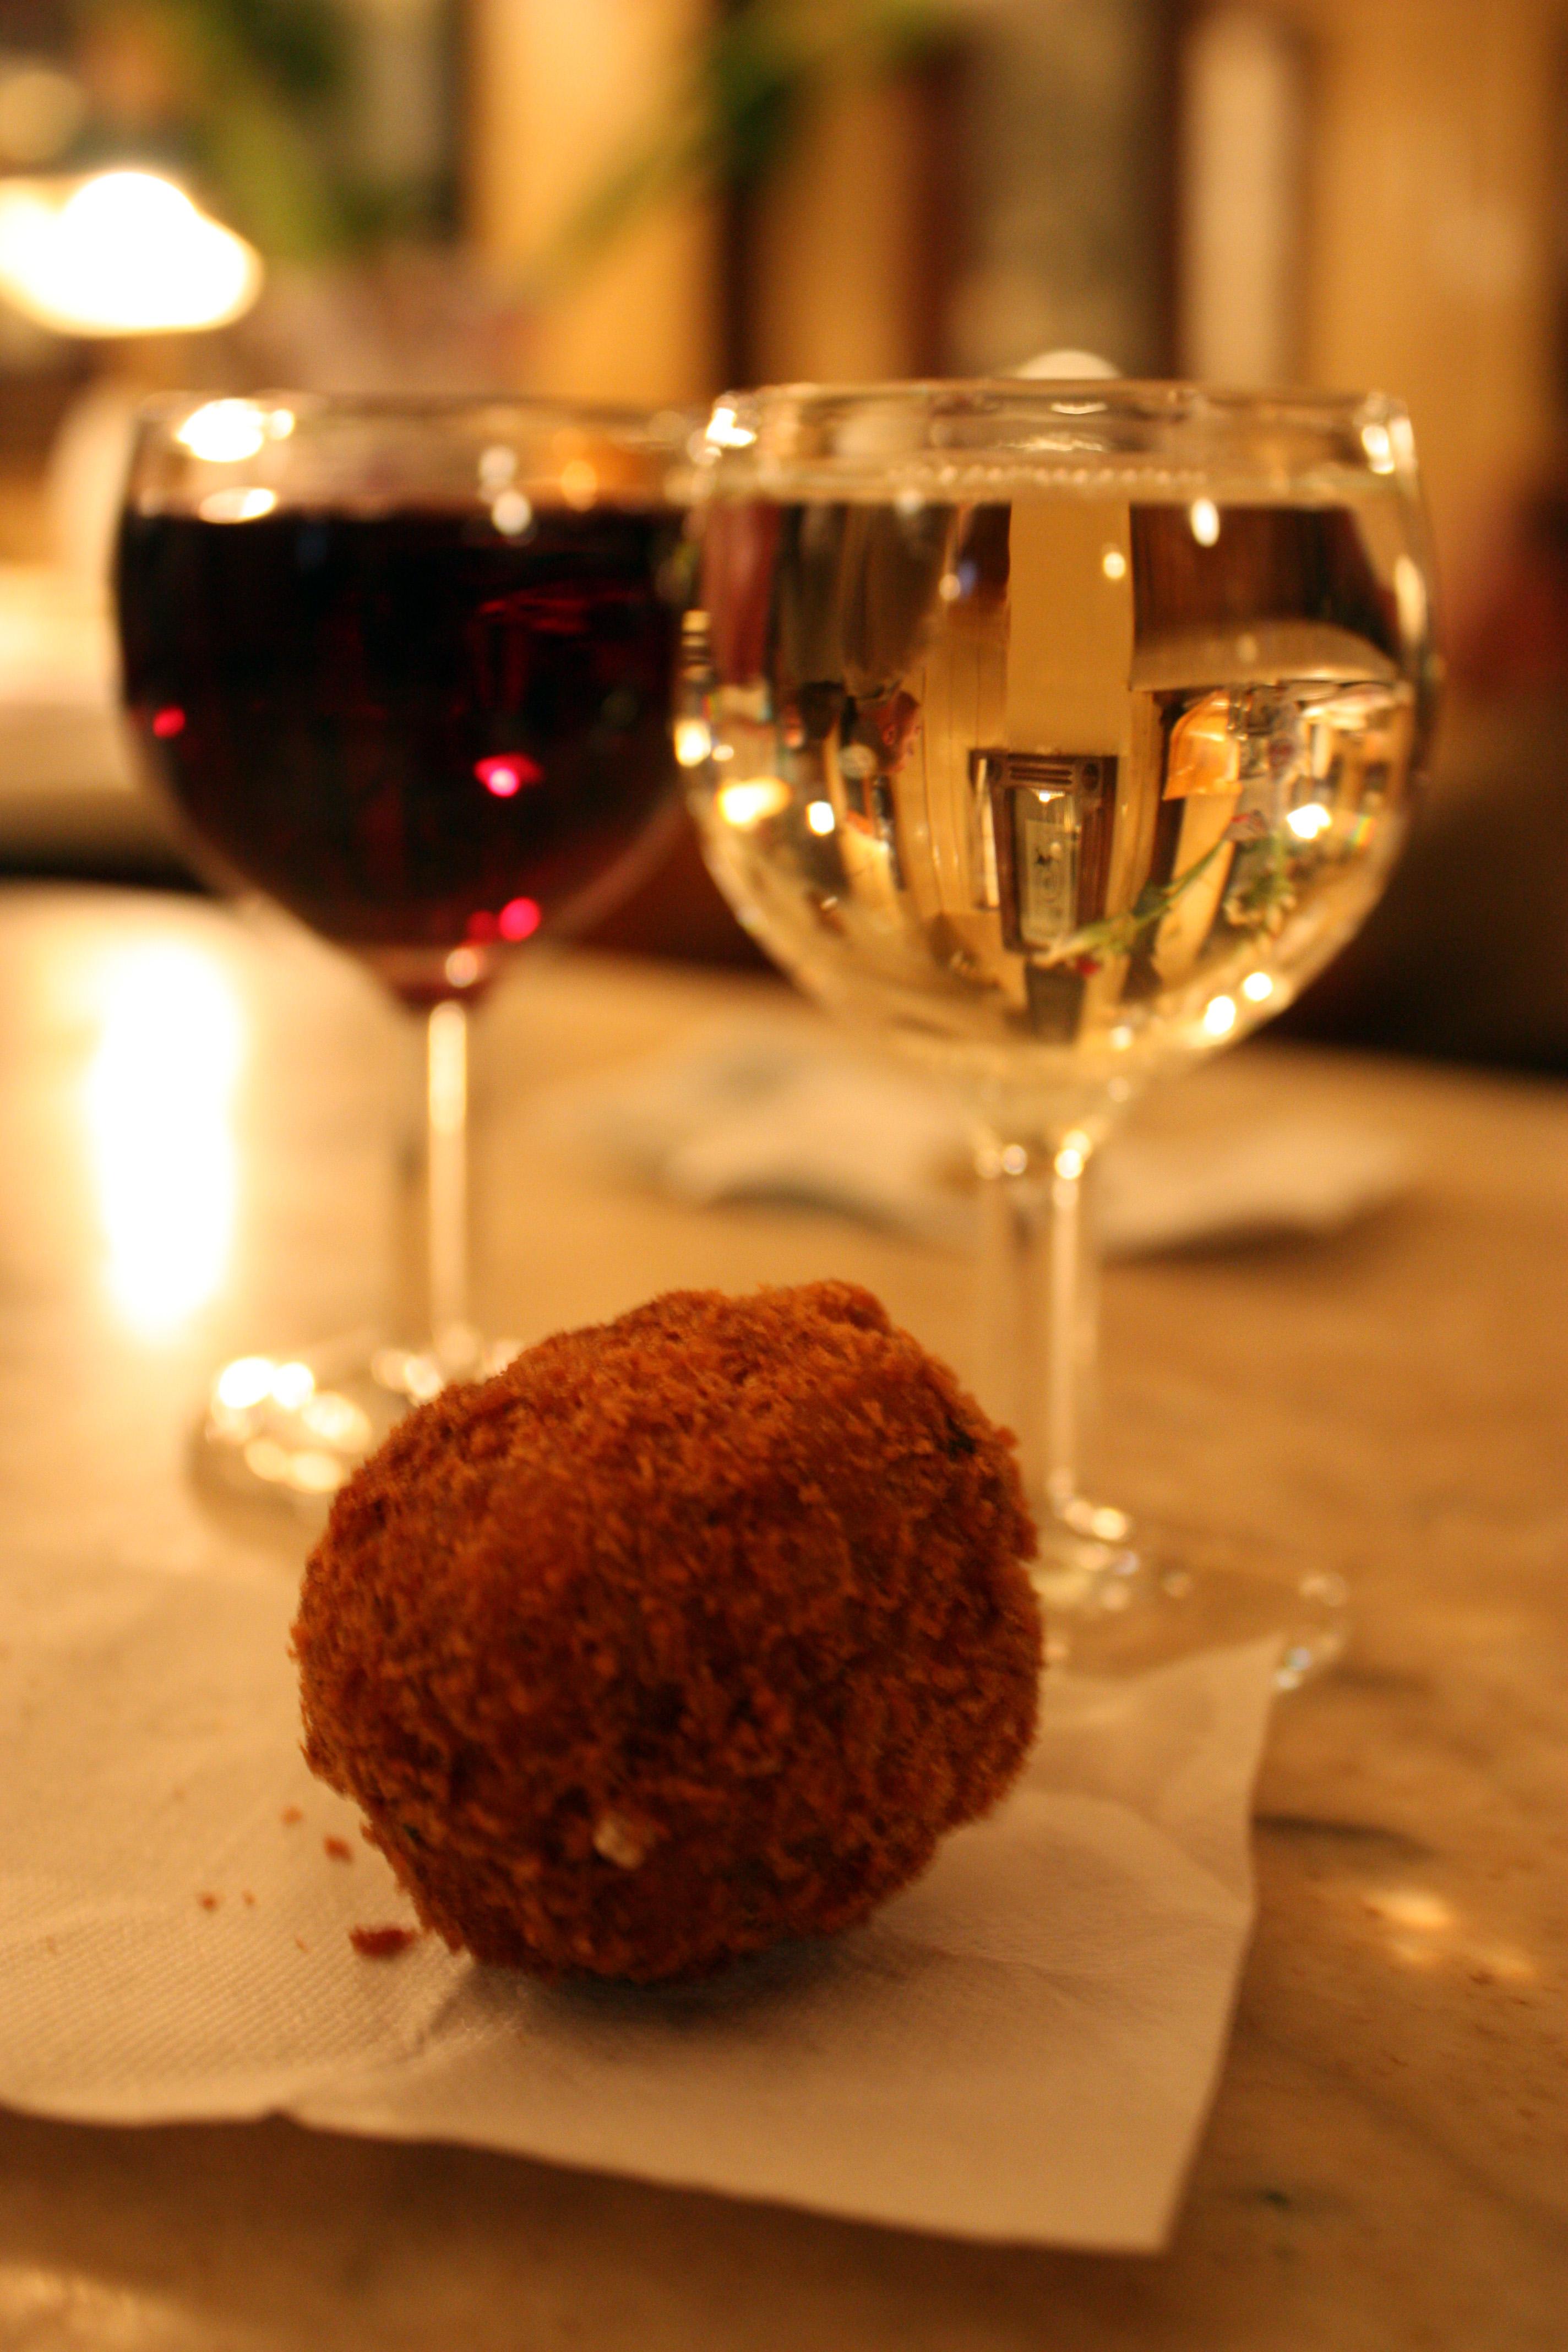 Köttbulle och vin är specialitet i baren på Osteria alla Vedova